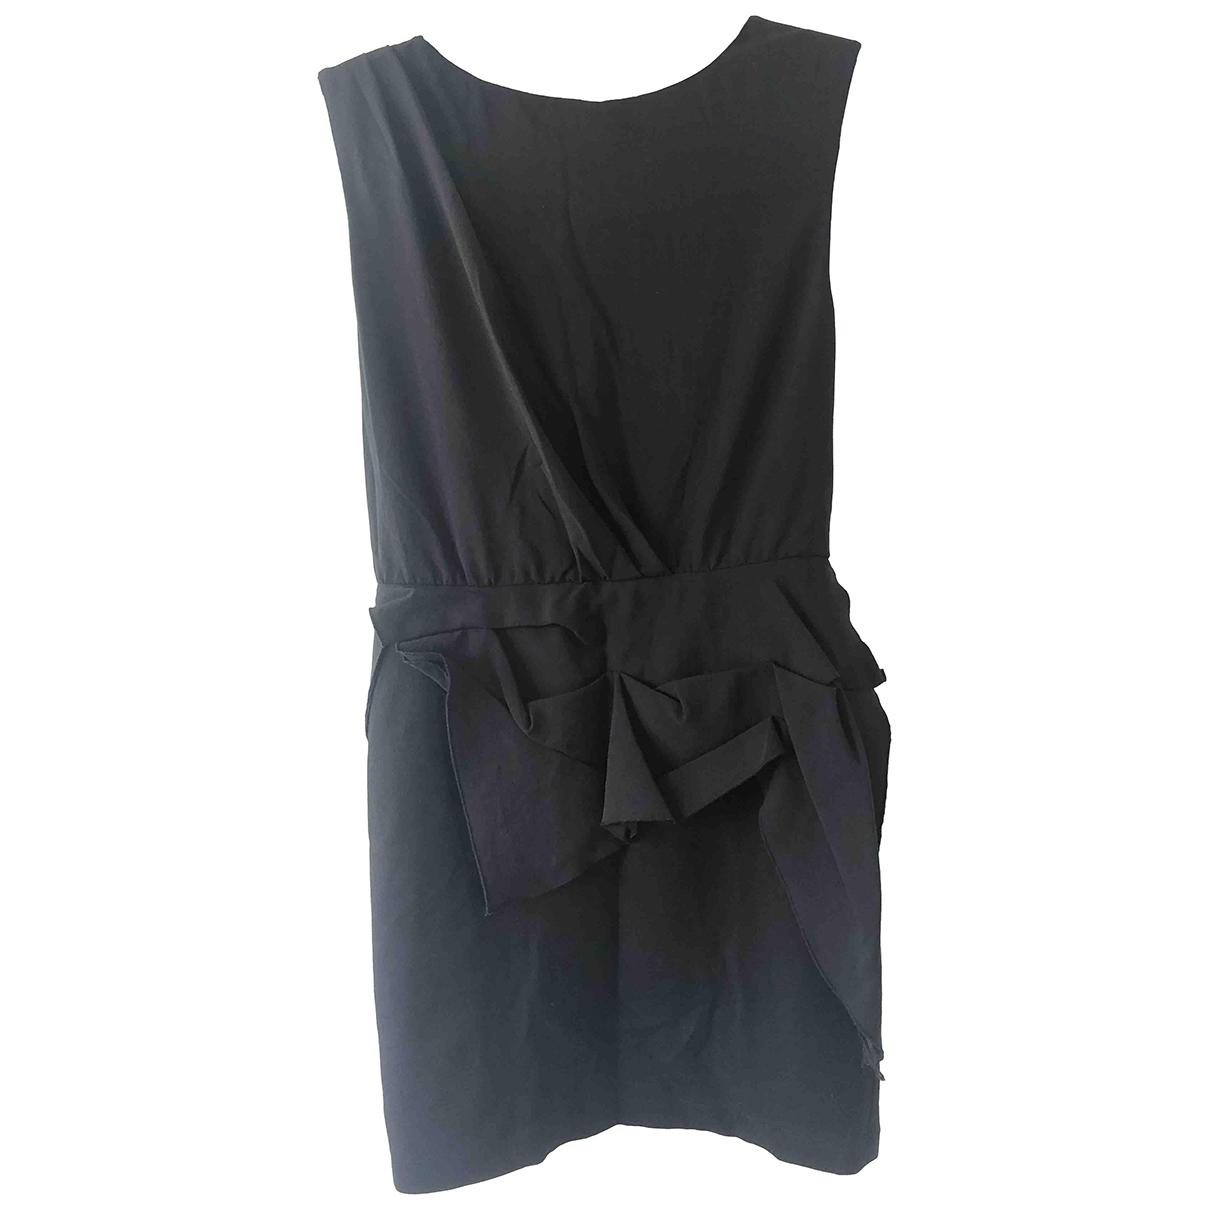 Alice & Olivia \N Black dress for Women 2 0-5